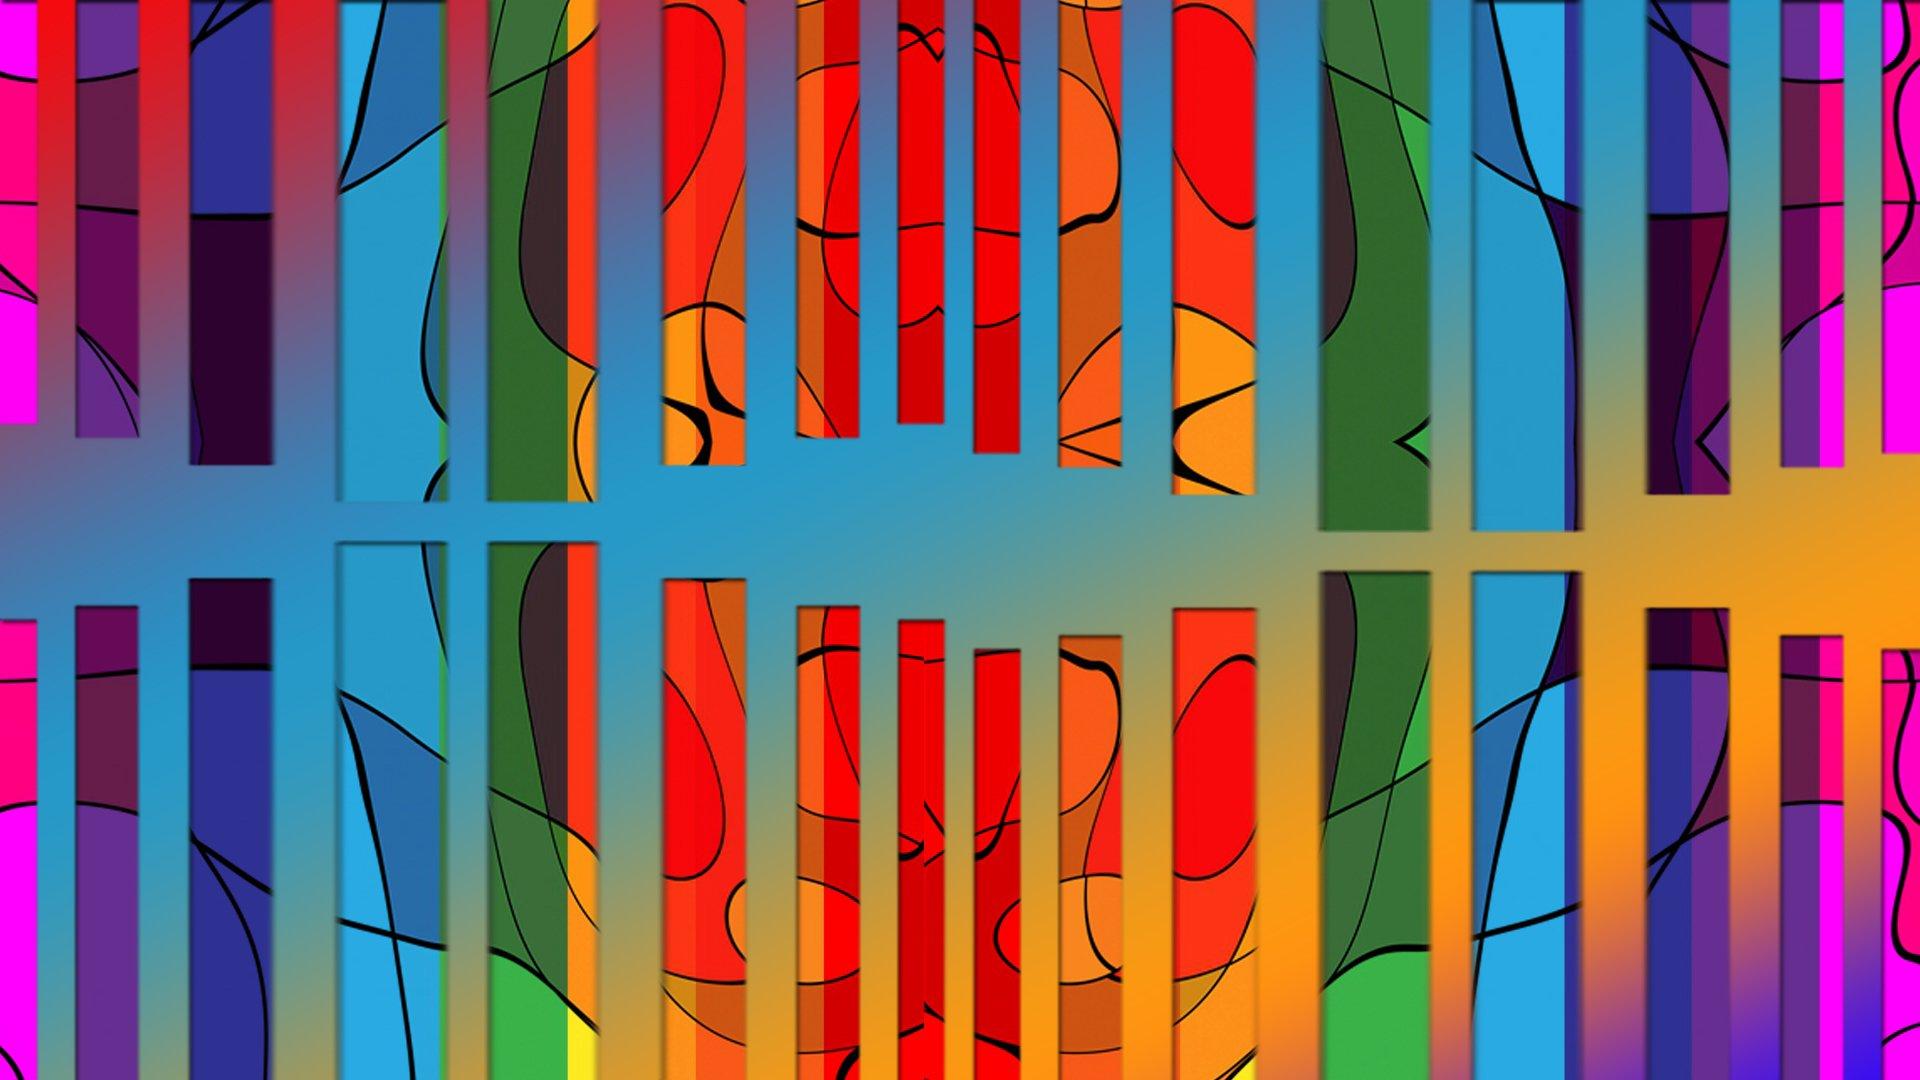 Geometric Abstract Shape 159 Fondo De Pantalla Hd Fondo